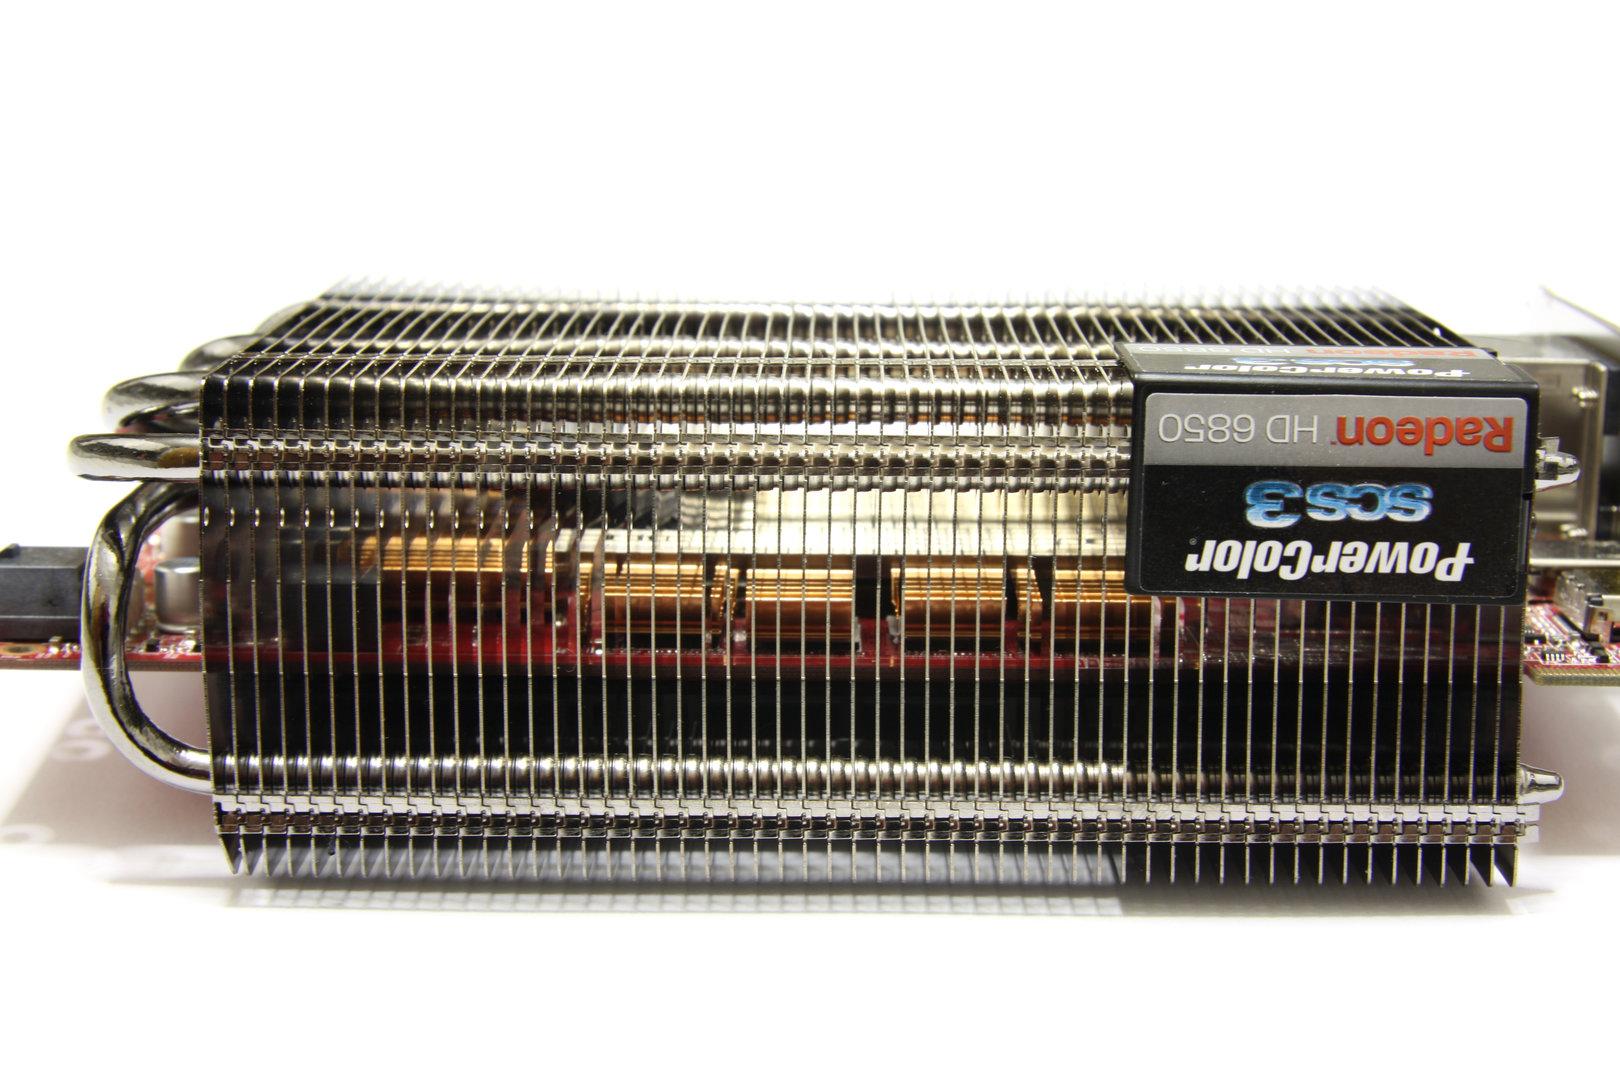 Radeon HD 6850 SCS3 Kühler Seitenansicht